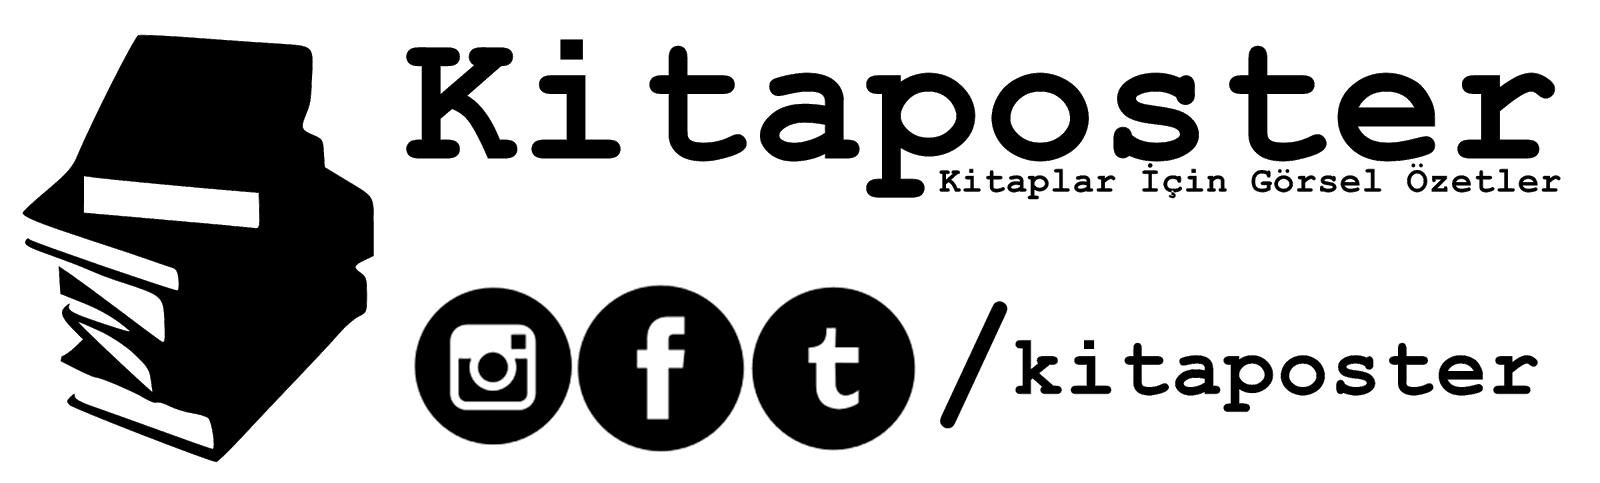 kitaposter-logo-murat-aktas